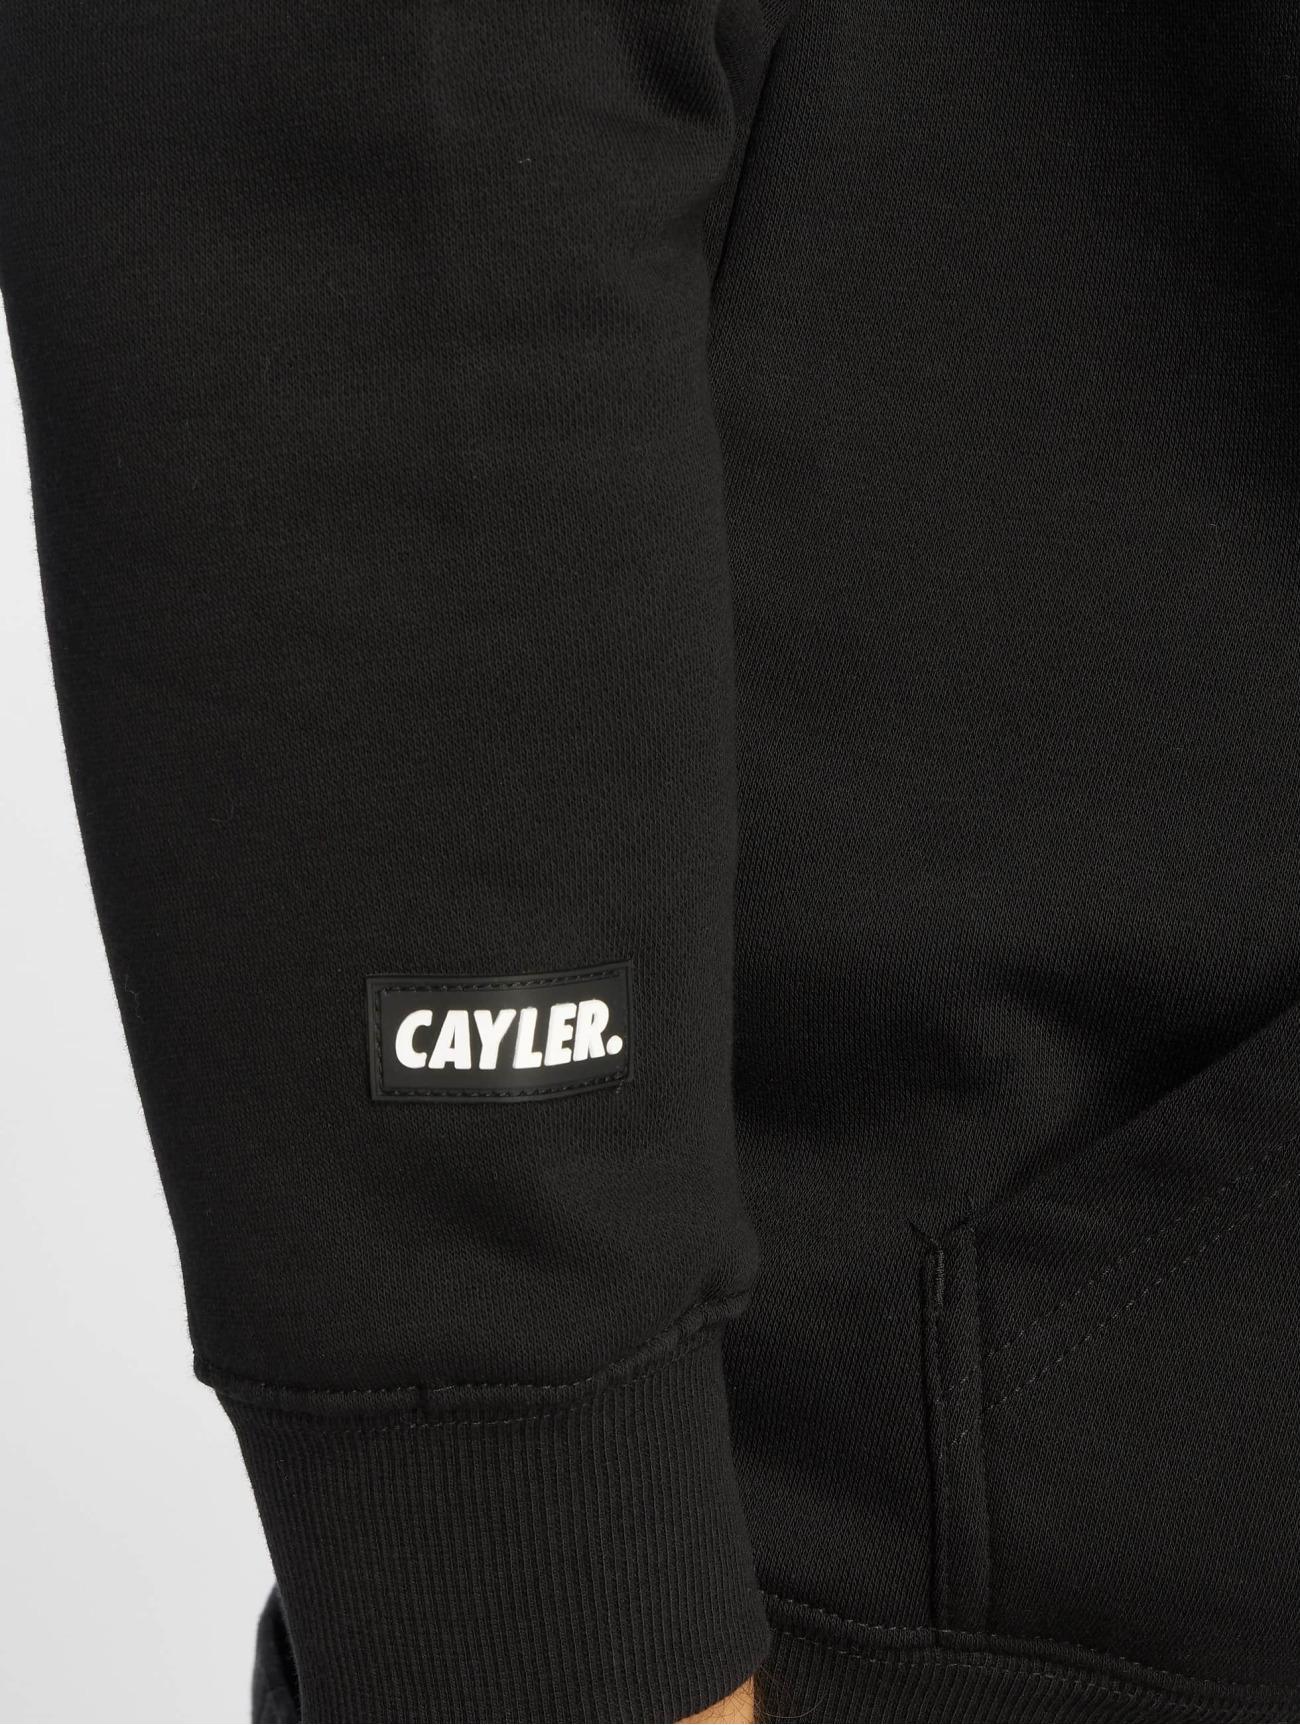 Cayler & Sons | Wl King Lines  noir Homme Sweat capuche  621520| Homme Hauts